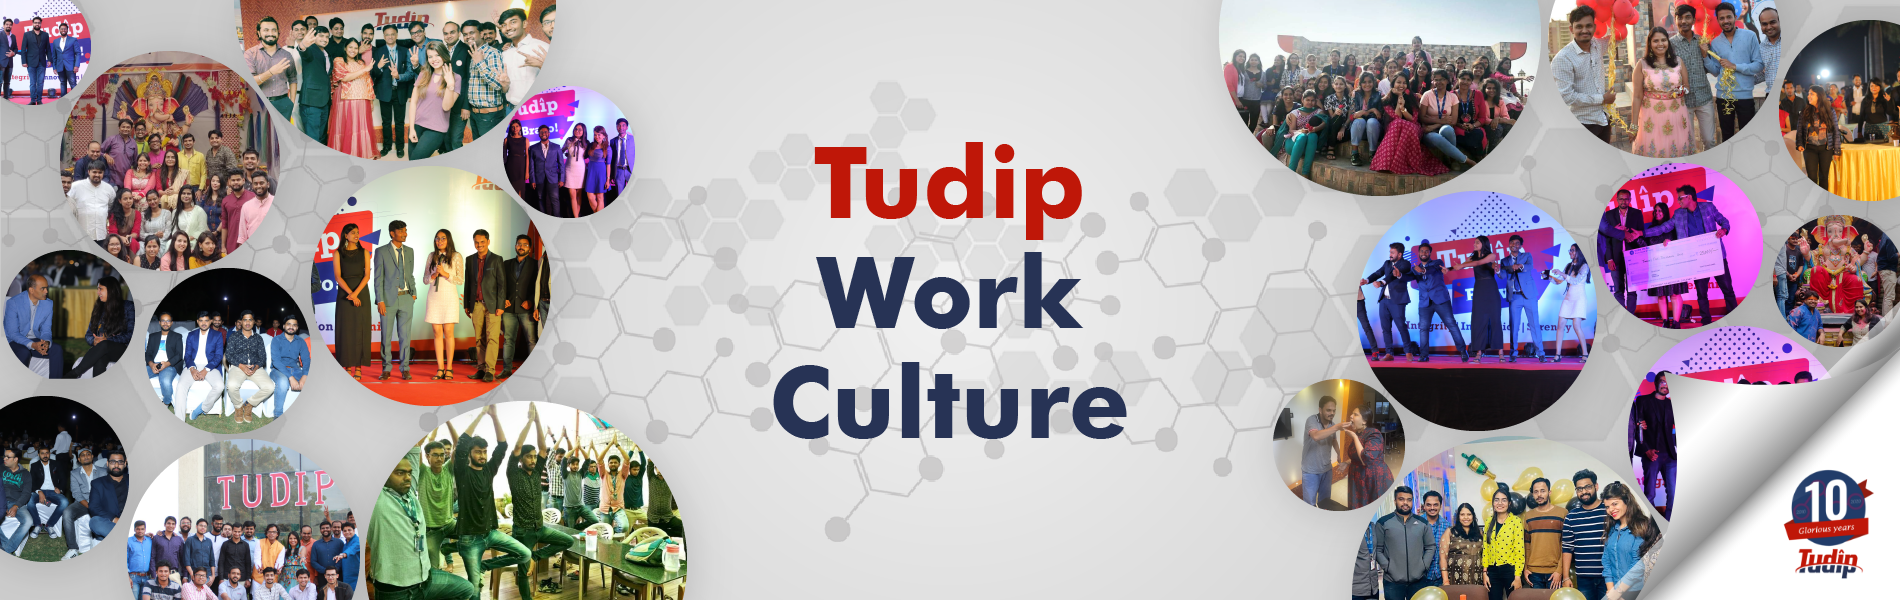 Tudip_Work_Culture_Website